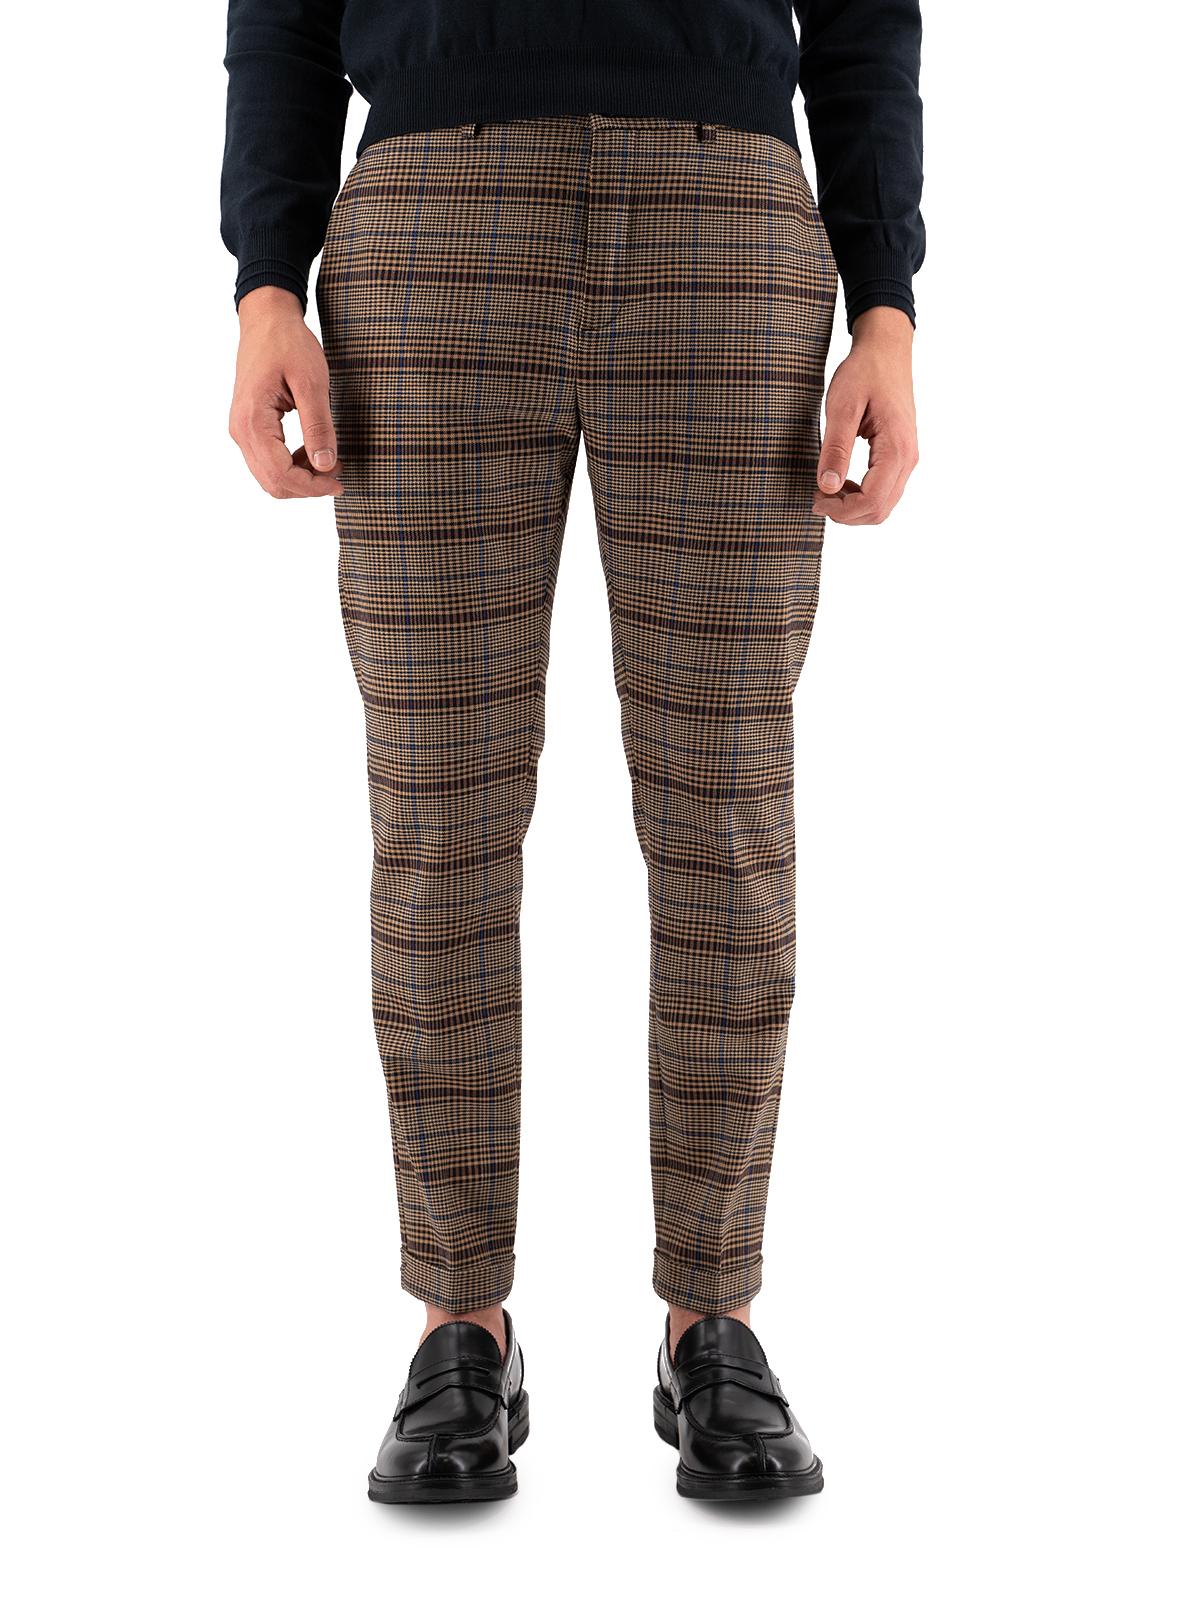 Department Five Pantalone U19P15 F1910 PRINCE CLASSIC